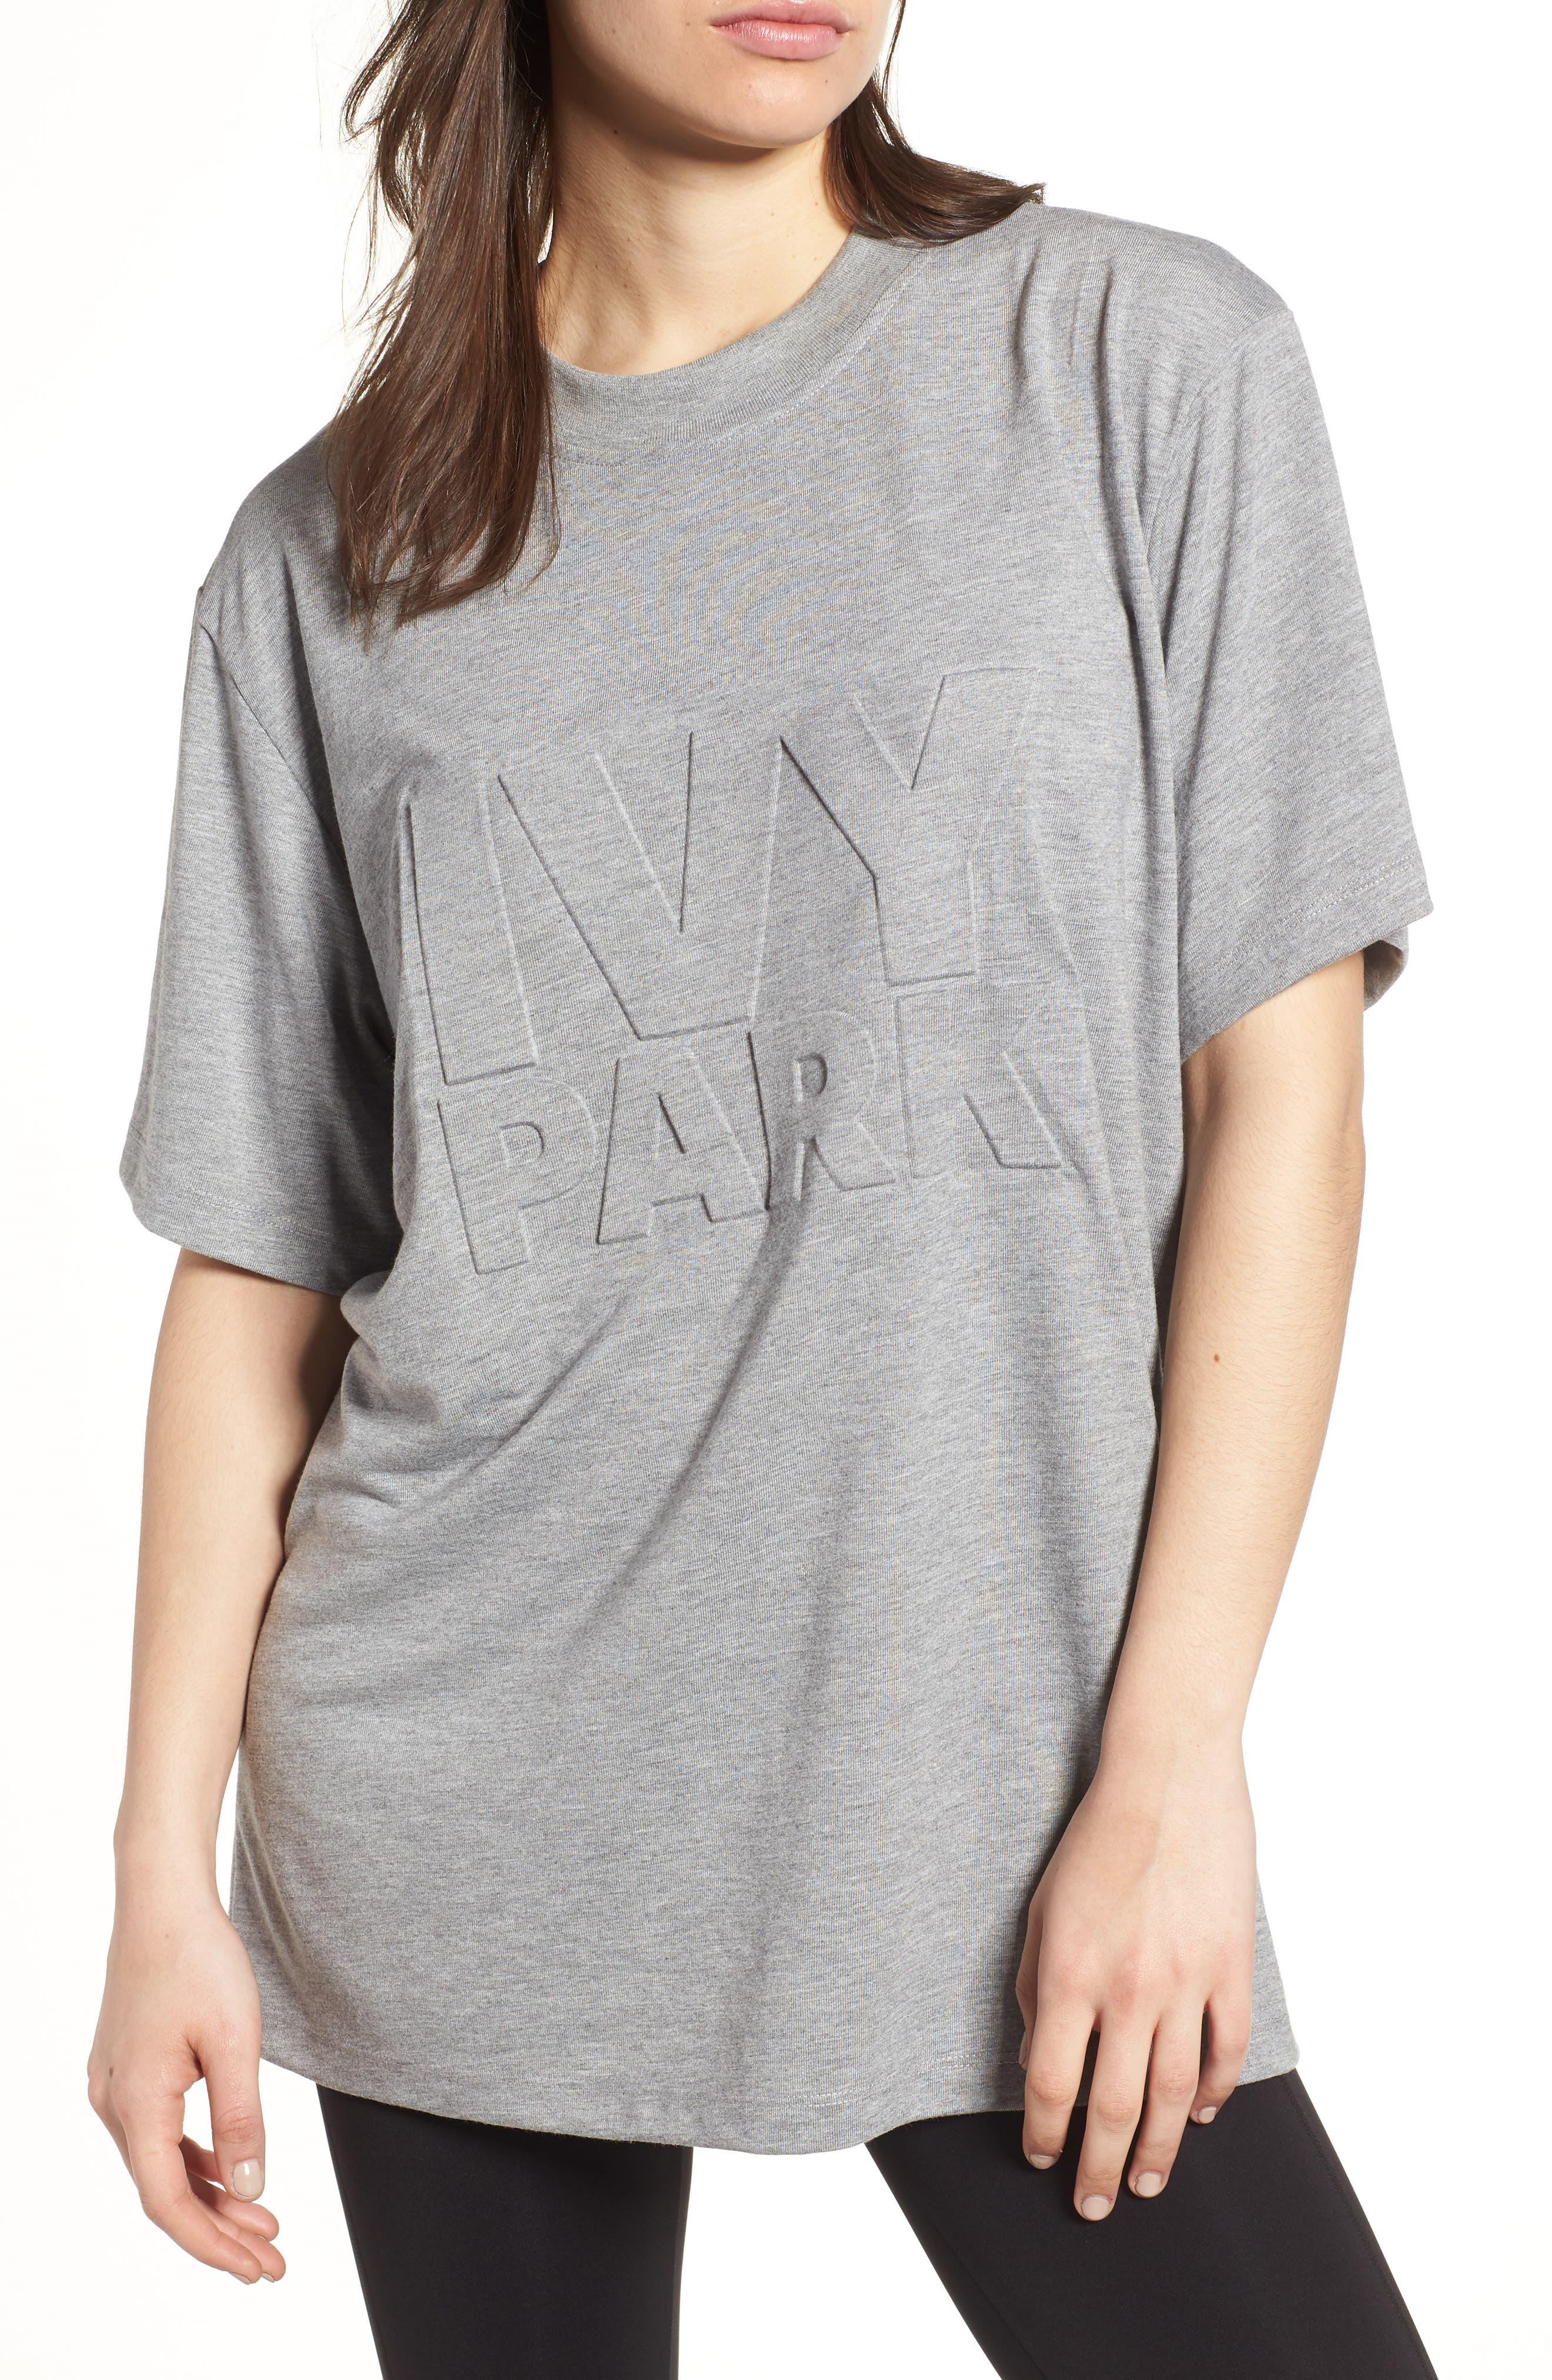 IVY PARK® Embossed Logo Tee